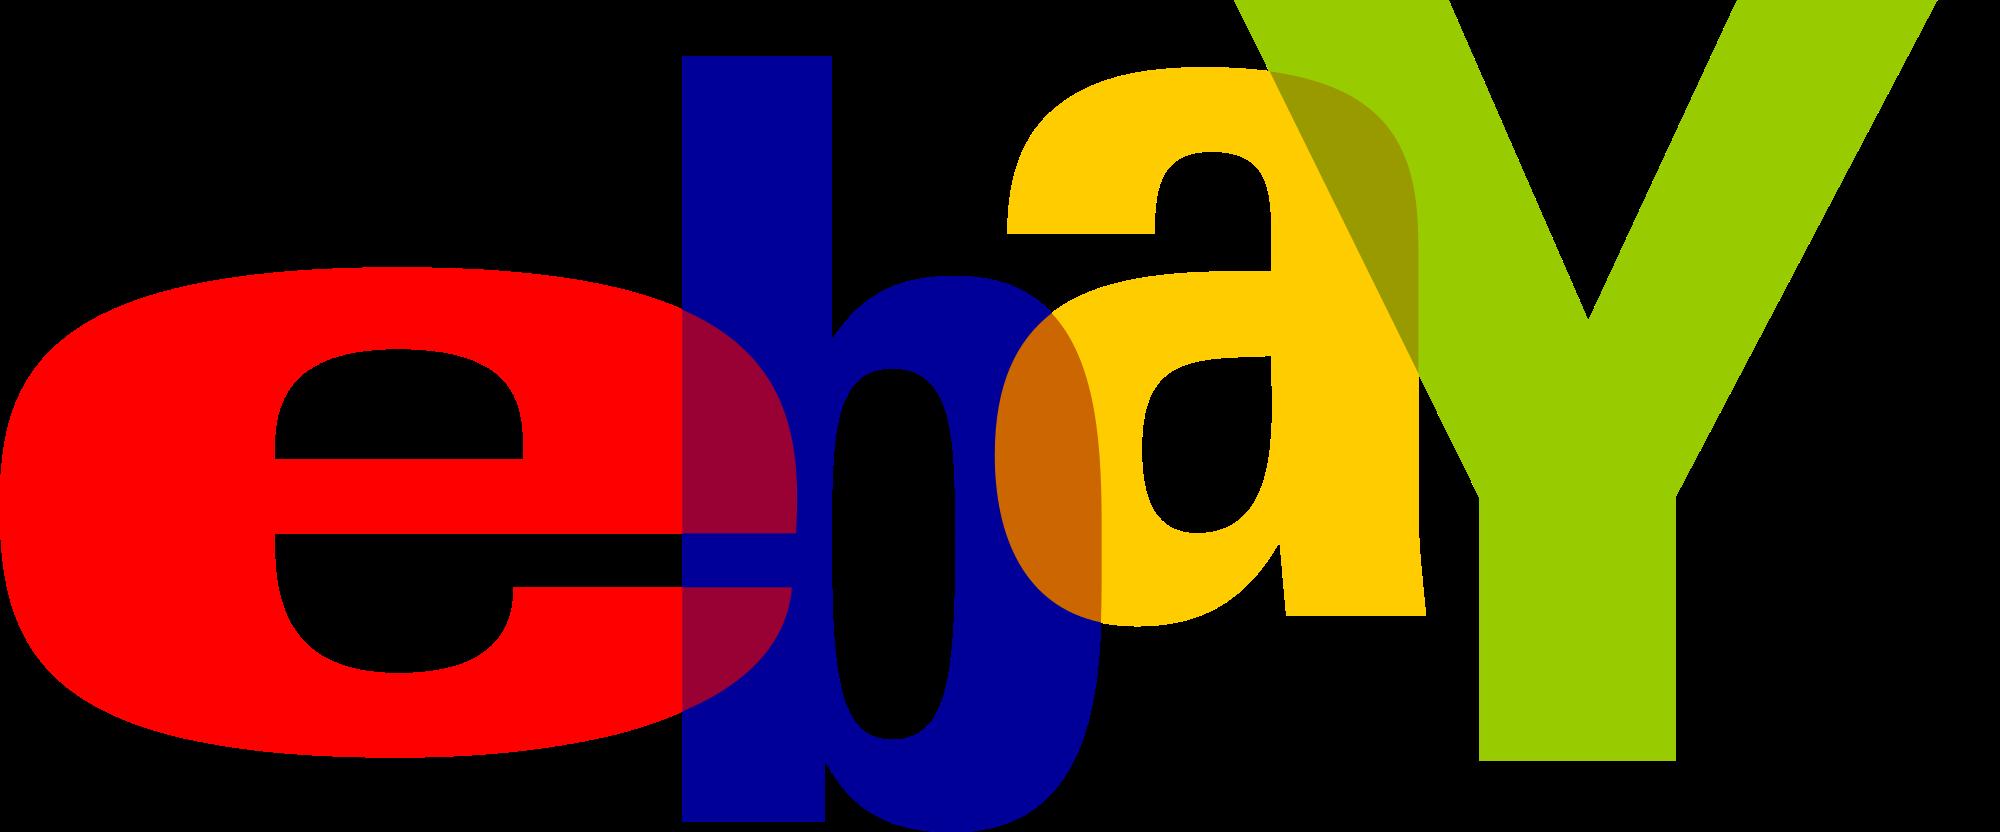 Original Ebay Logo